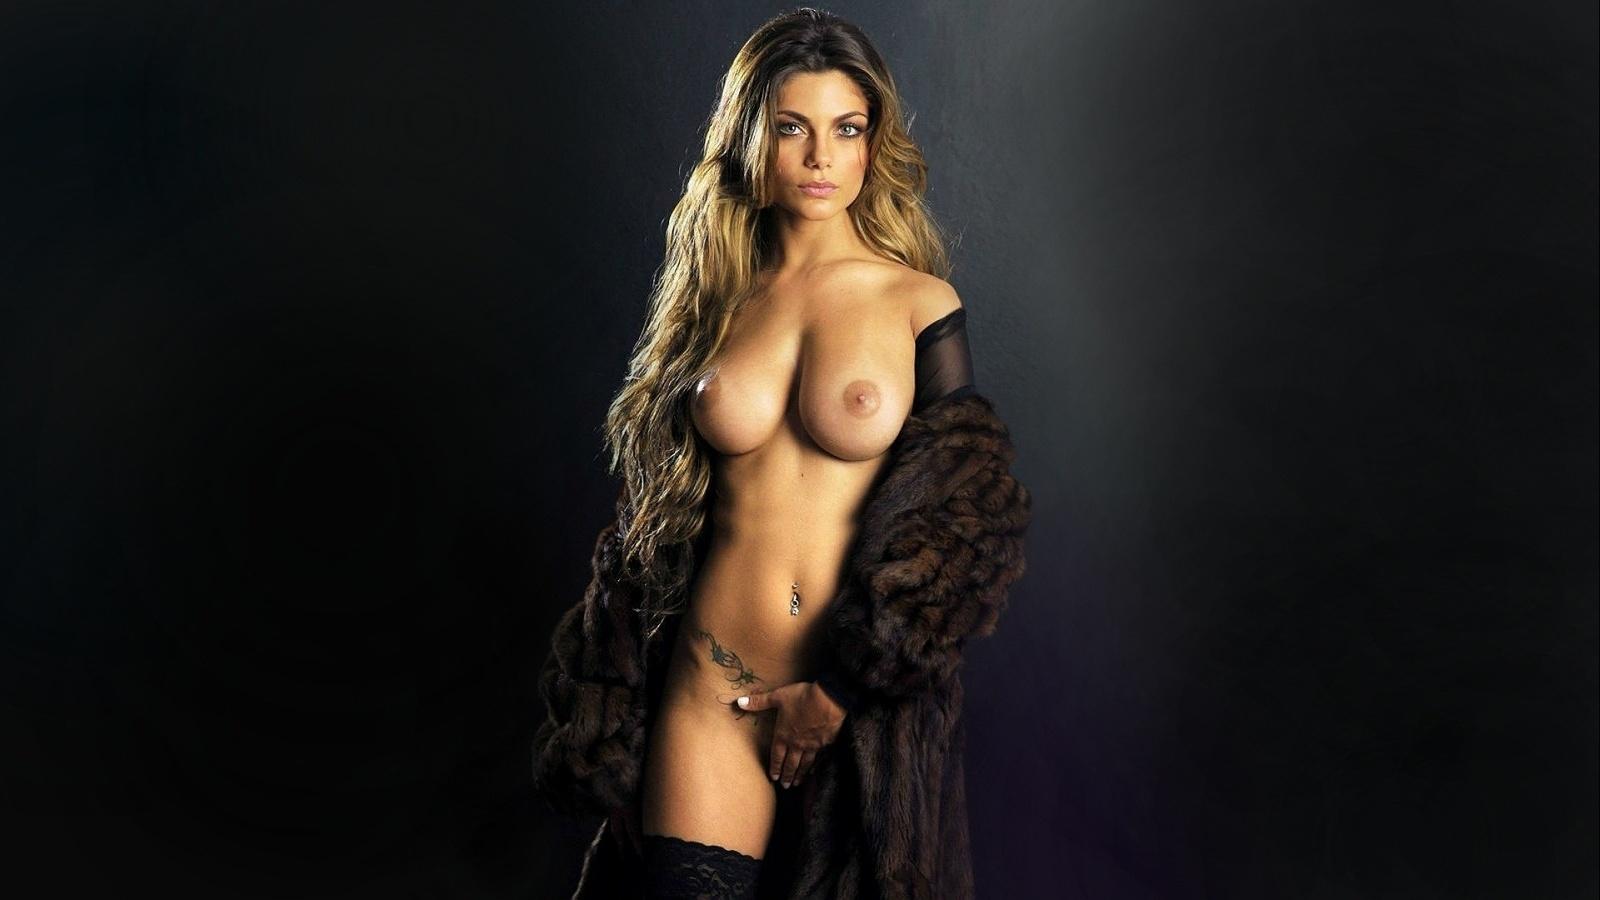 Фото сексуальных девушек для фона 15 фотография